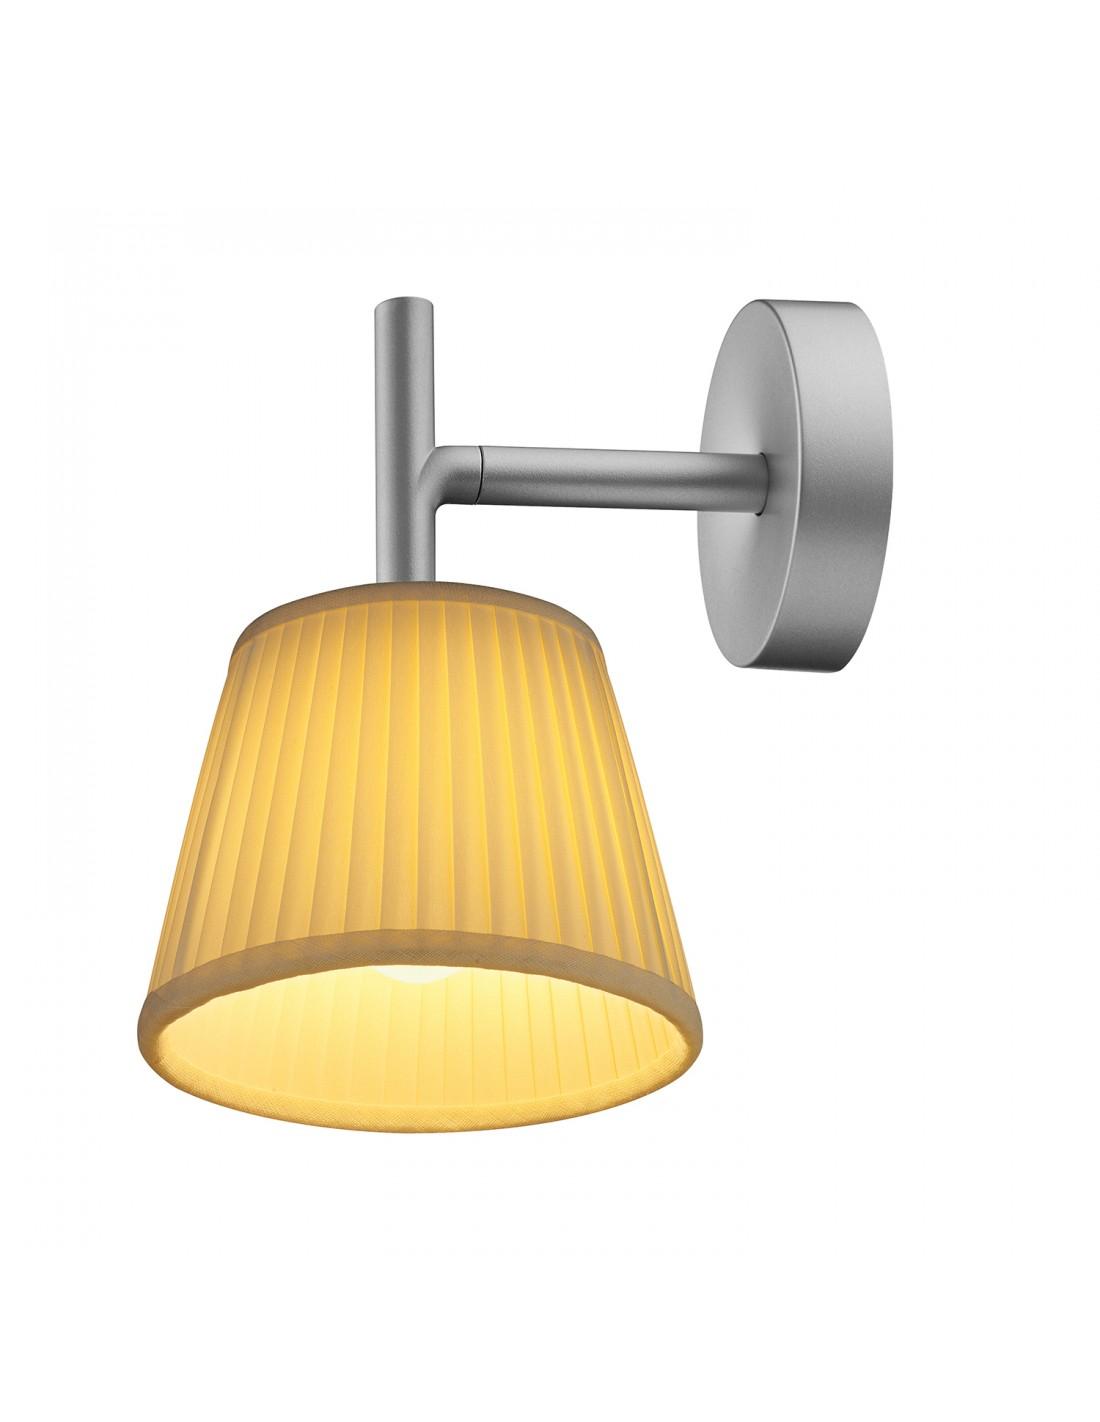 Applique Flos Romeo Babe Soft W de la marque Flos par le designer Philippe Starck chez Valente Design